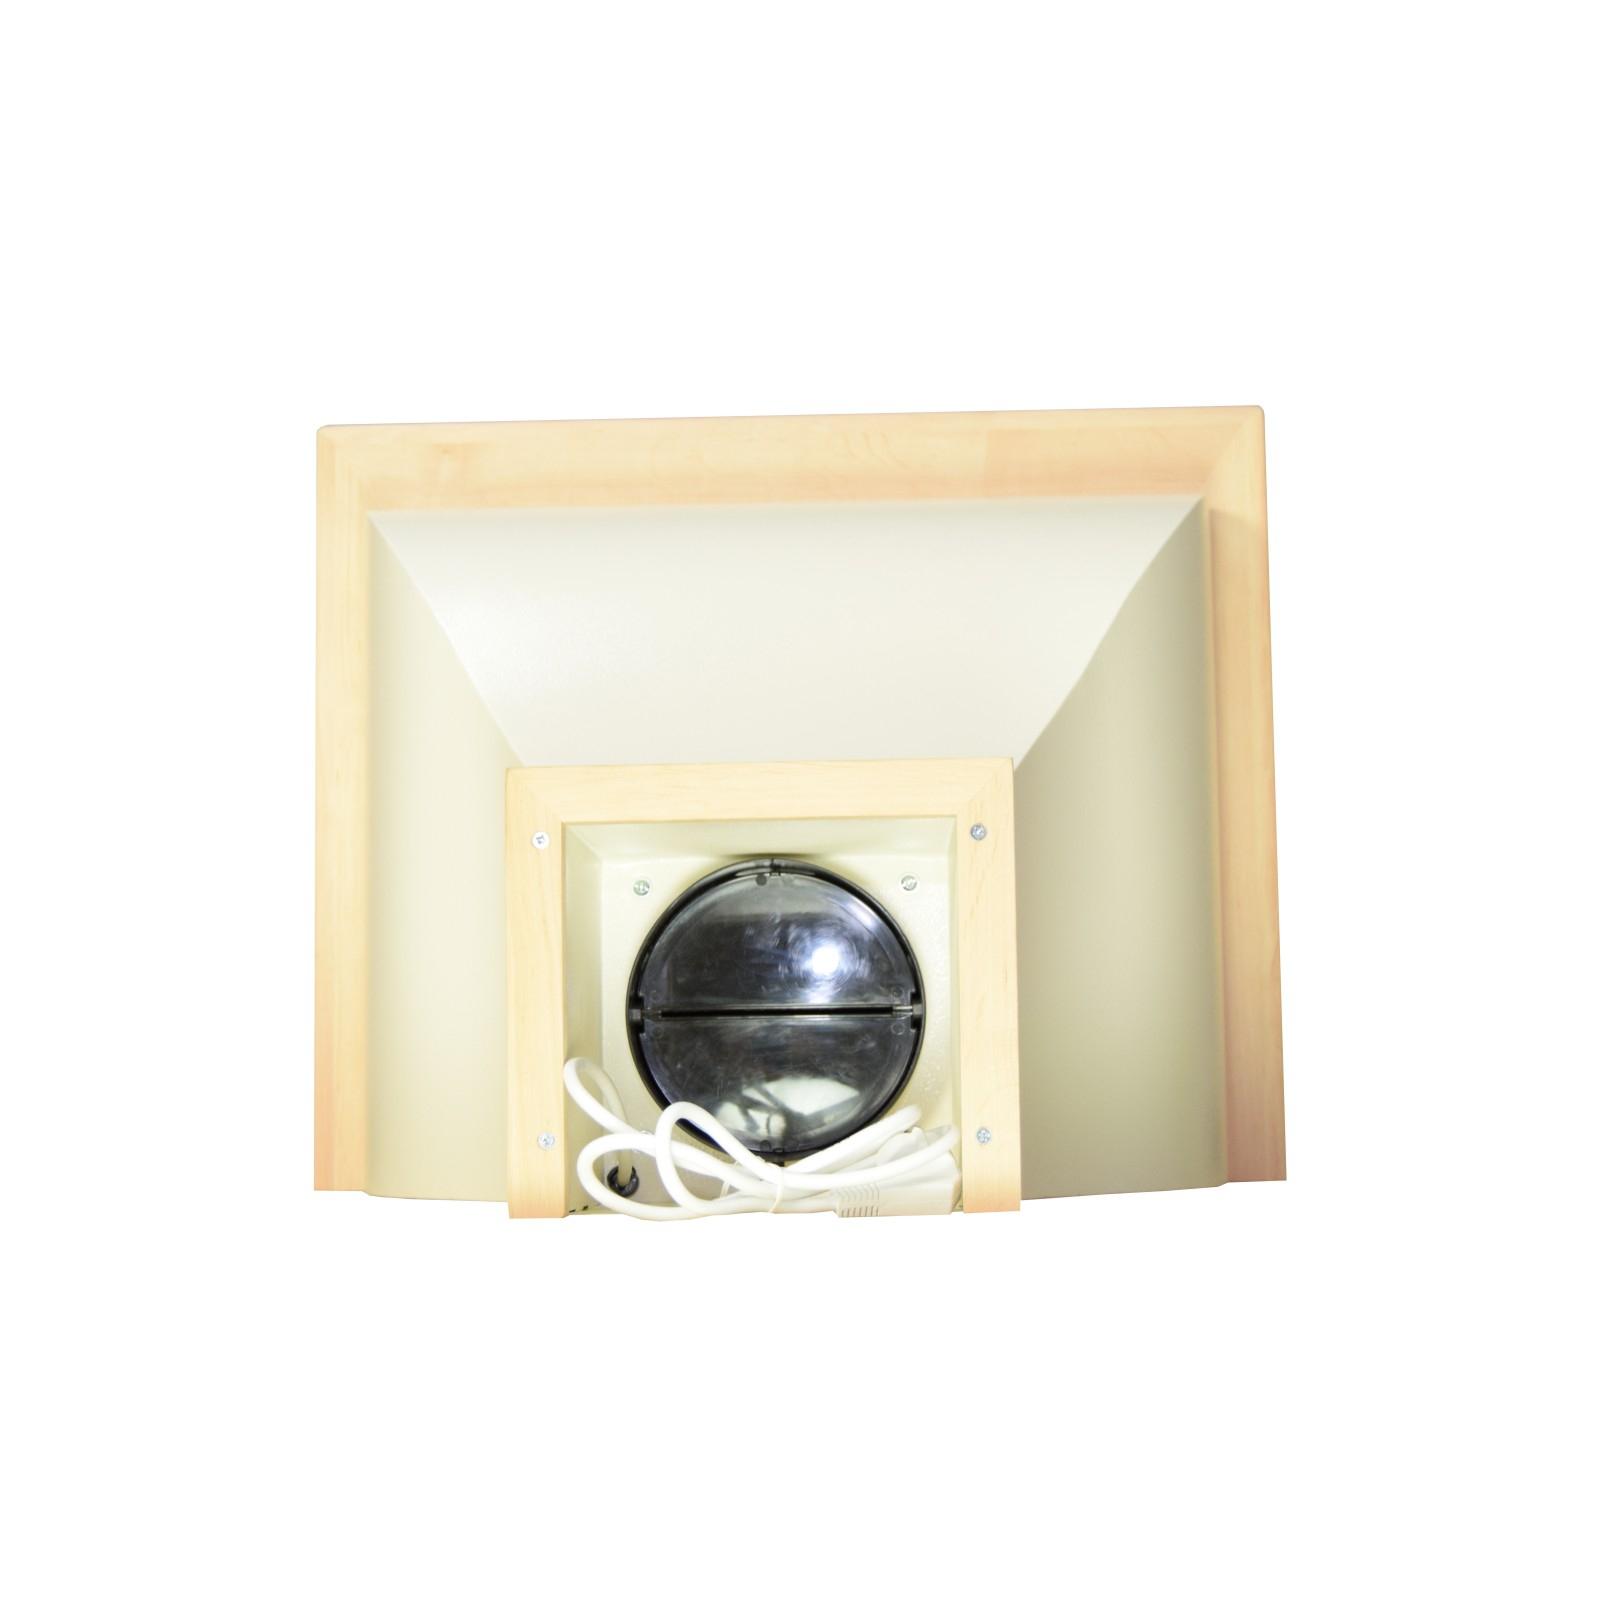 Вытяжка кухонная Eleyus Solo Country 1200 LED SMD 60 N изображение 6